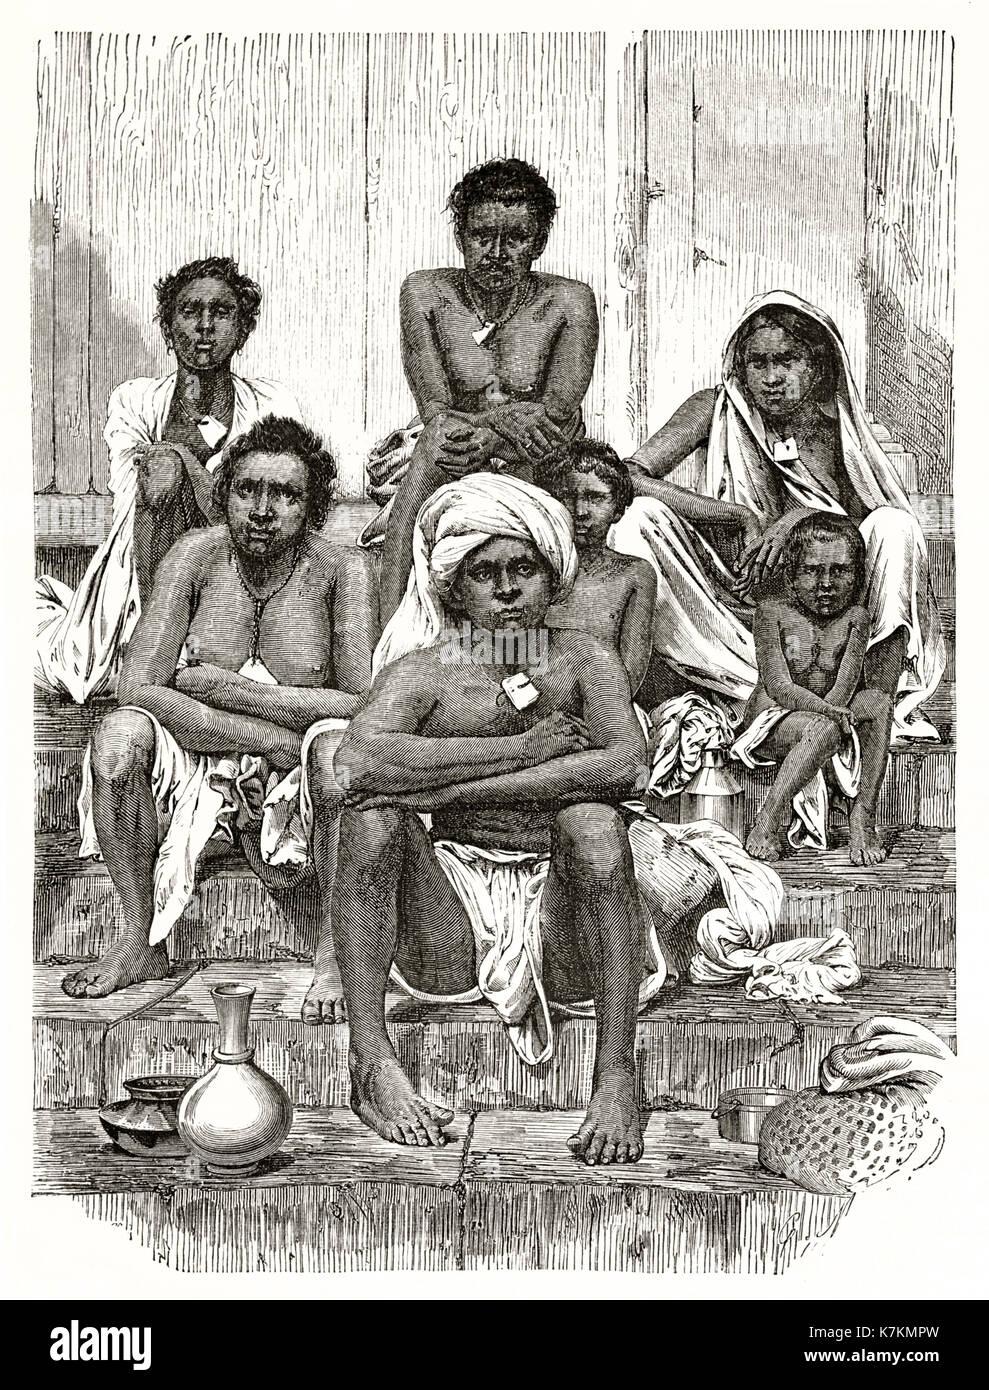 Old illustration depicting Reunion island indigenous. By Mettais after Bevan, publ. on Le Tour du Monde, Paris, 1862 - Stock Image